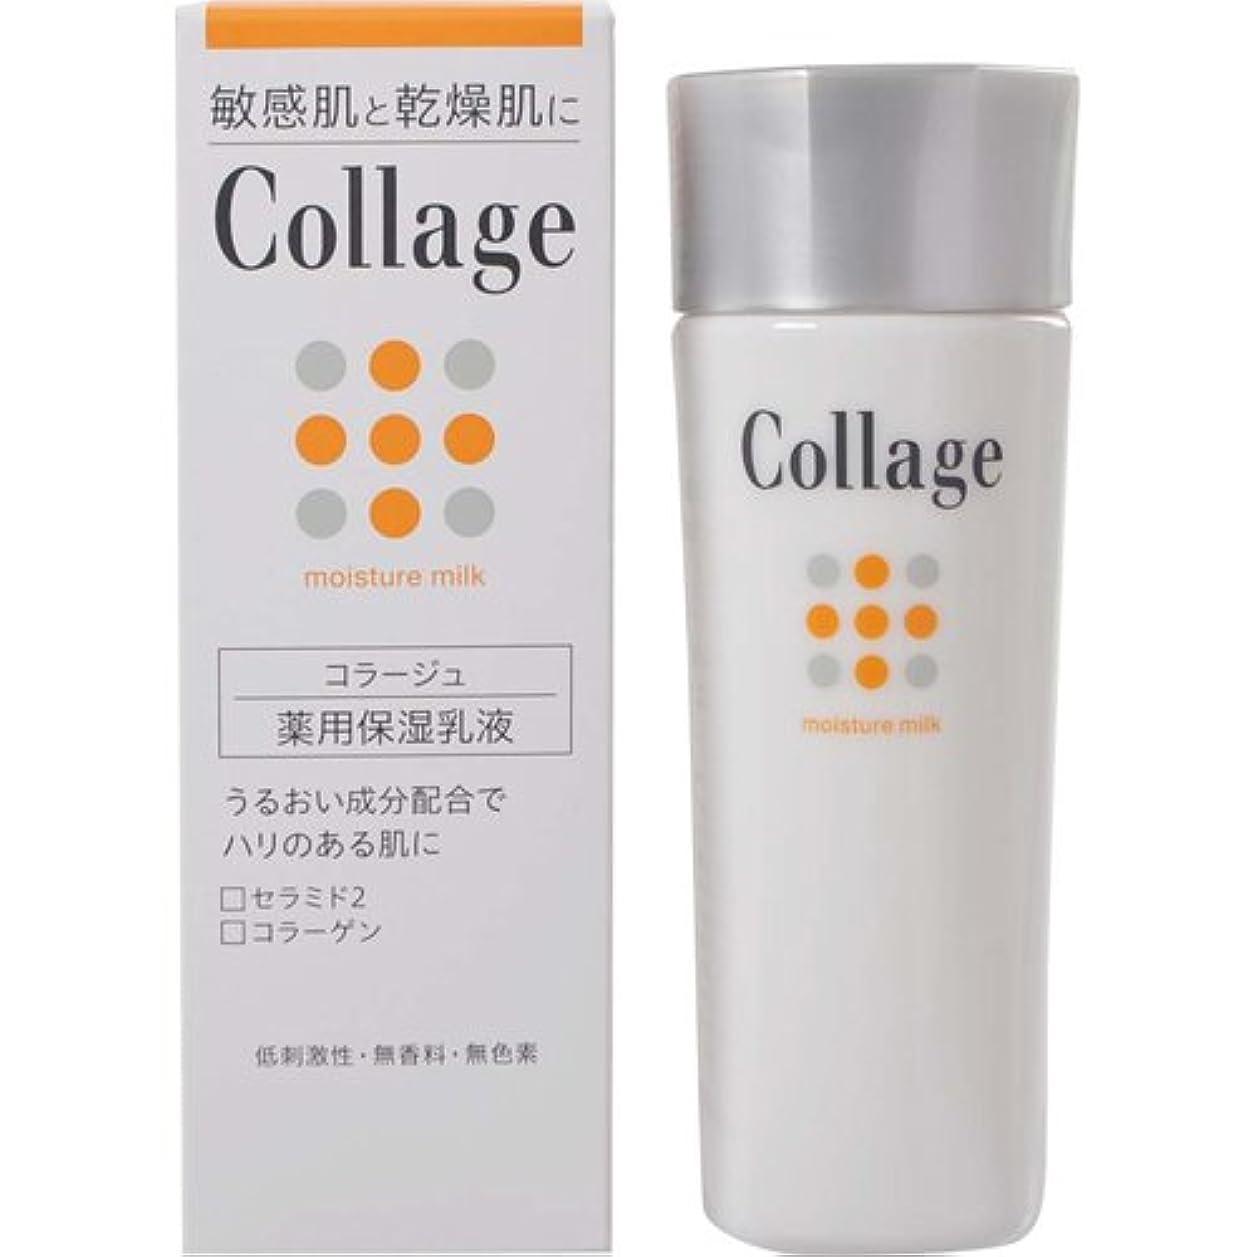 ホステスサービス西部コラージュ 薬用保湿乳液 80mL 【医薬部外品】